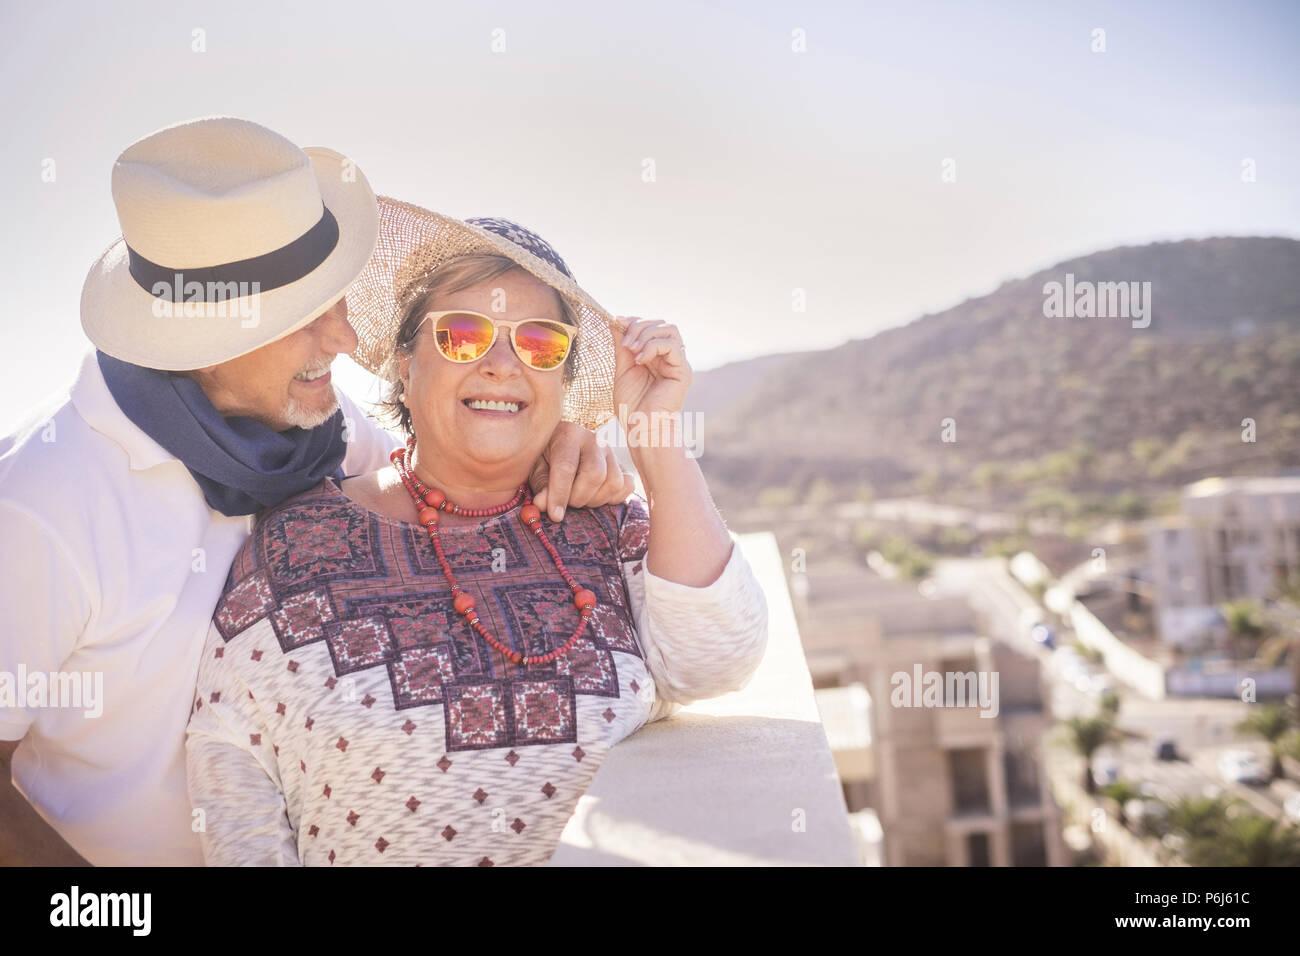 Bella coppia di anziani senior adulto persone sorridenti e godersi il tempo libero tempo all'aperto in estate terrazza di tetto con edifici in constructio Immagini Stock